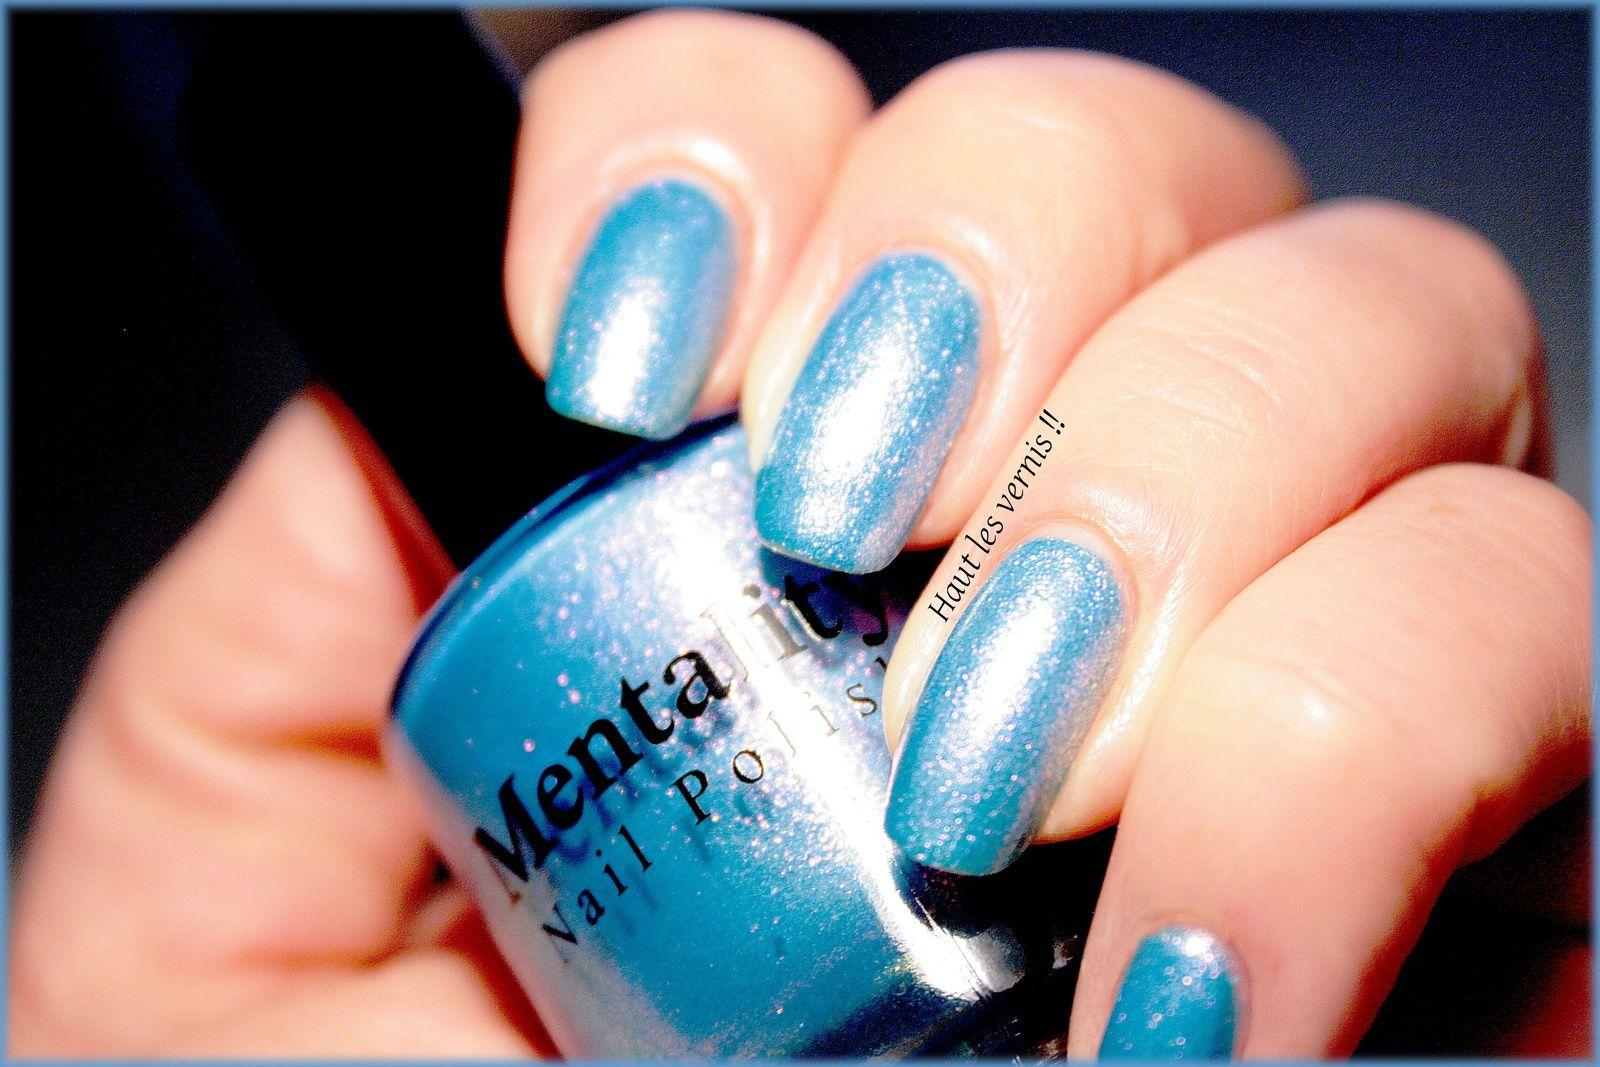 Mentality nail polish..Gala, de plus en plus beau!